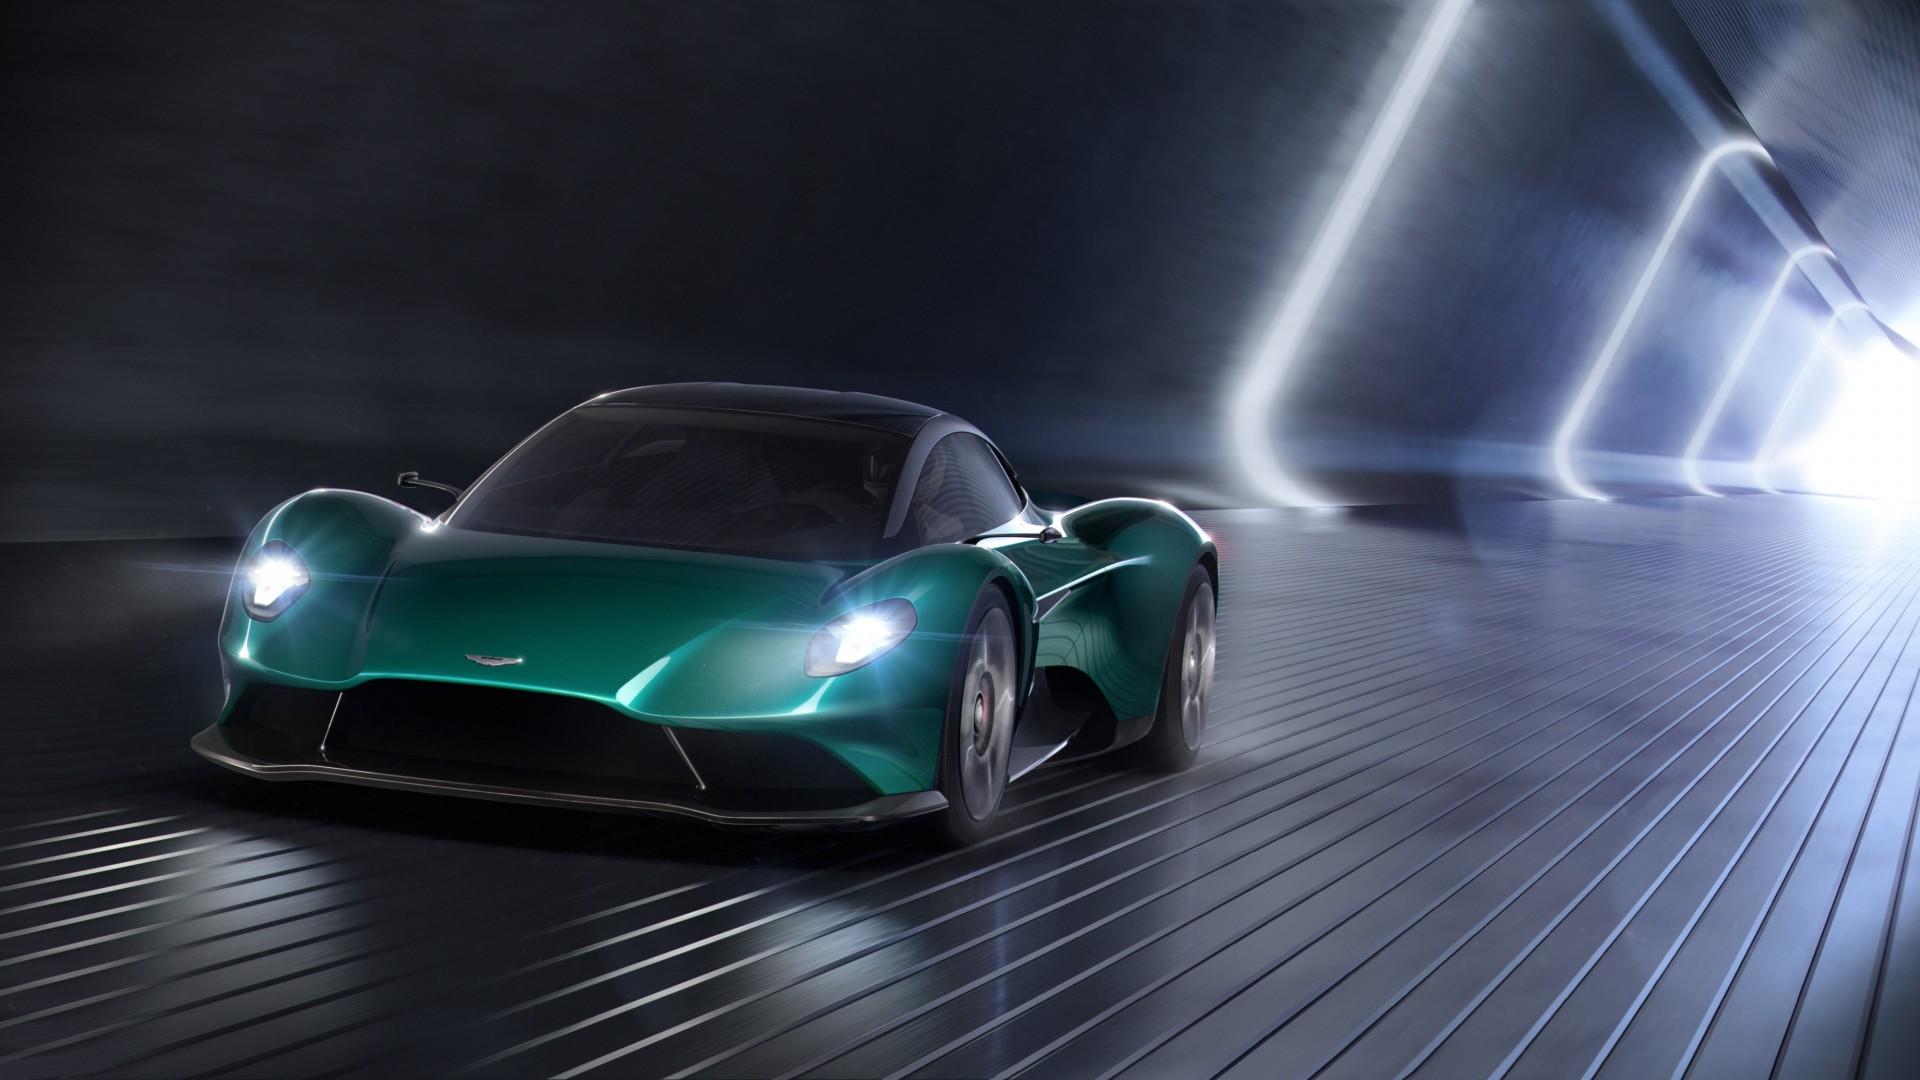 Aston Martin Vanquish Vision Concept 2019 4k Wallpaper